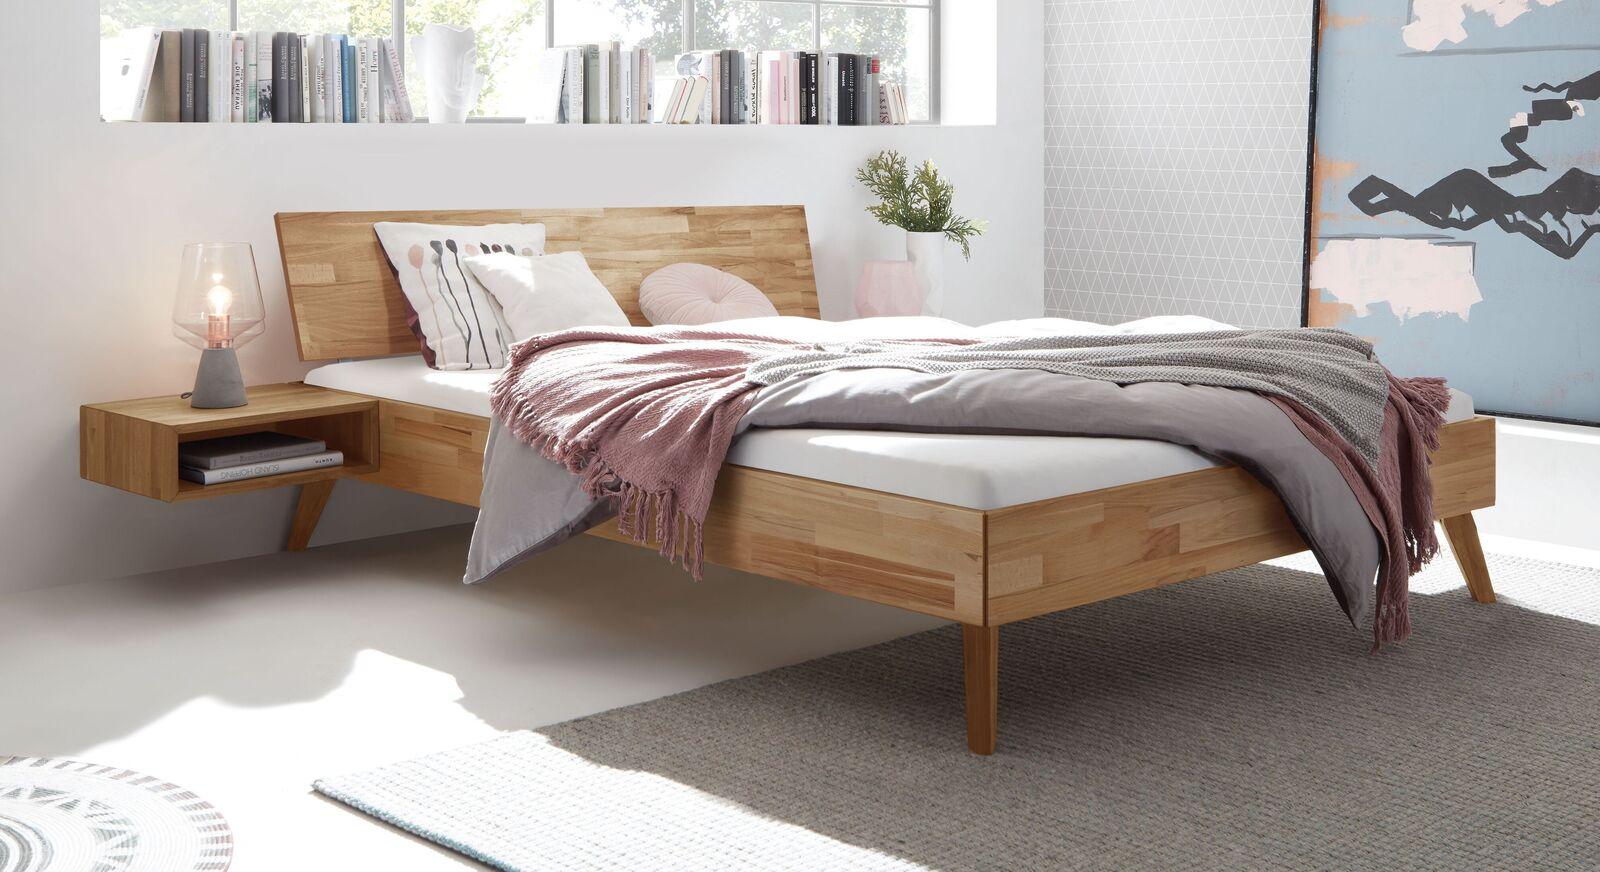 Bett Malinga - das gemütliche Vollholzbett